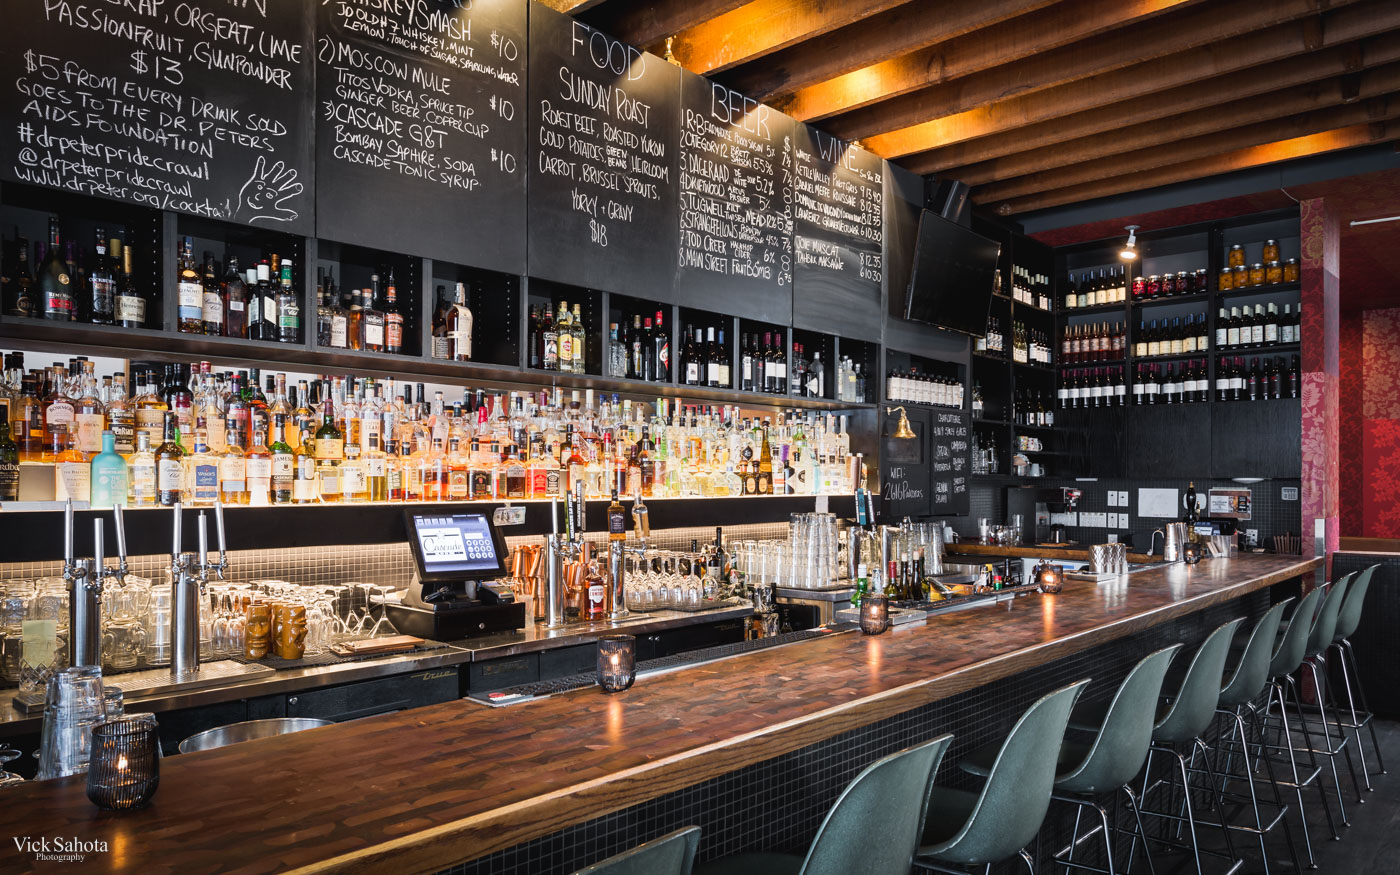 The Cascade Room Bar